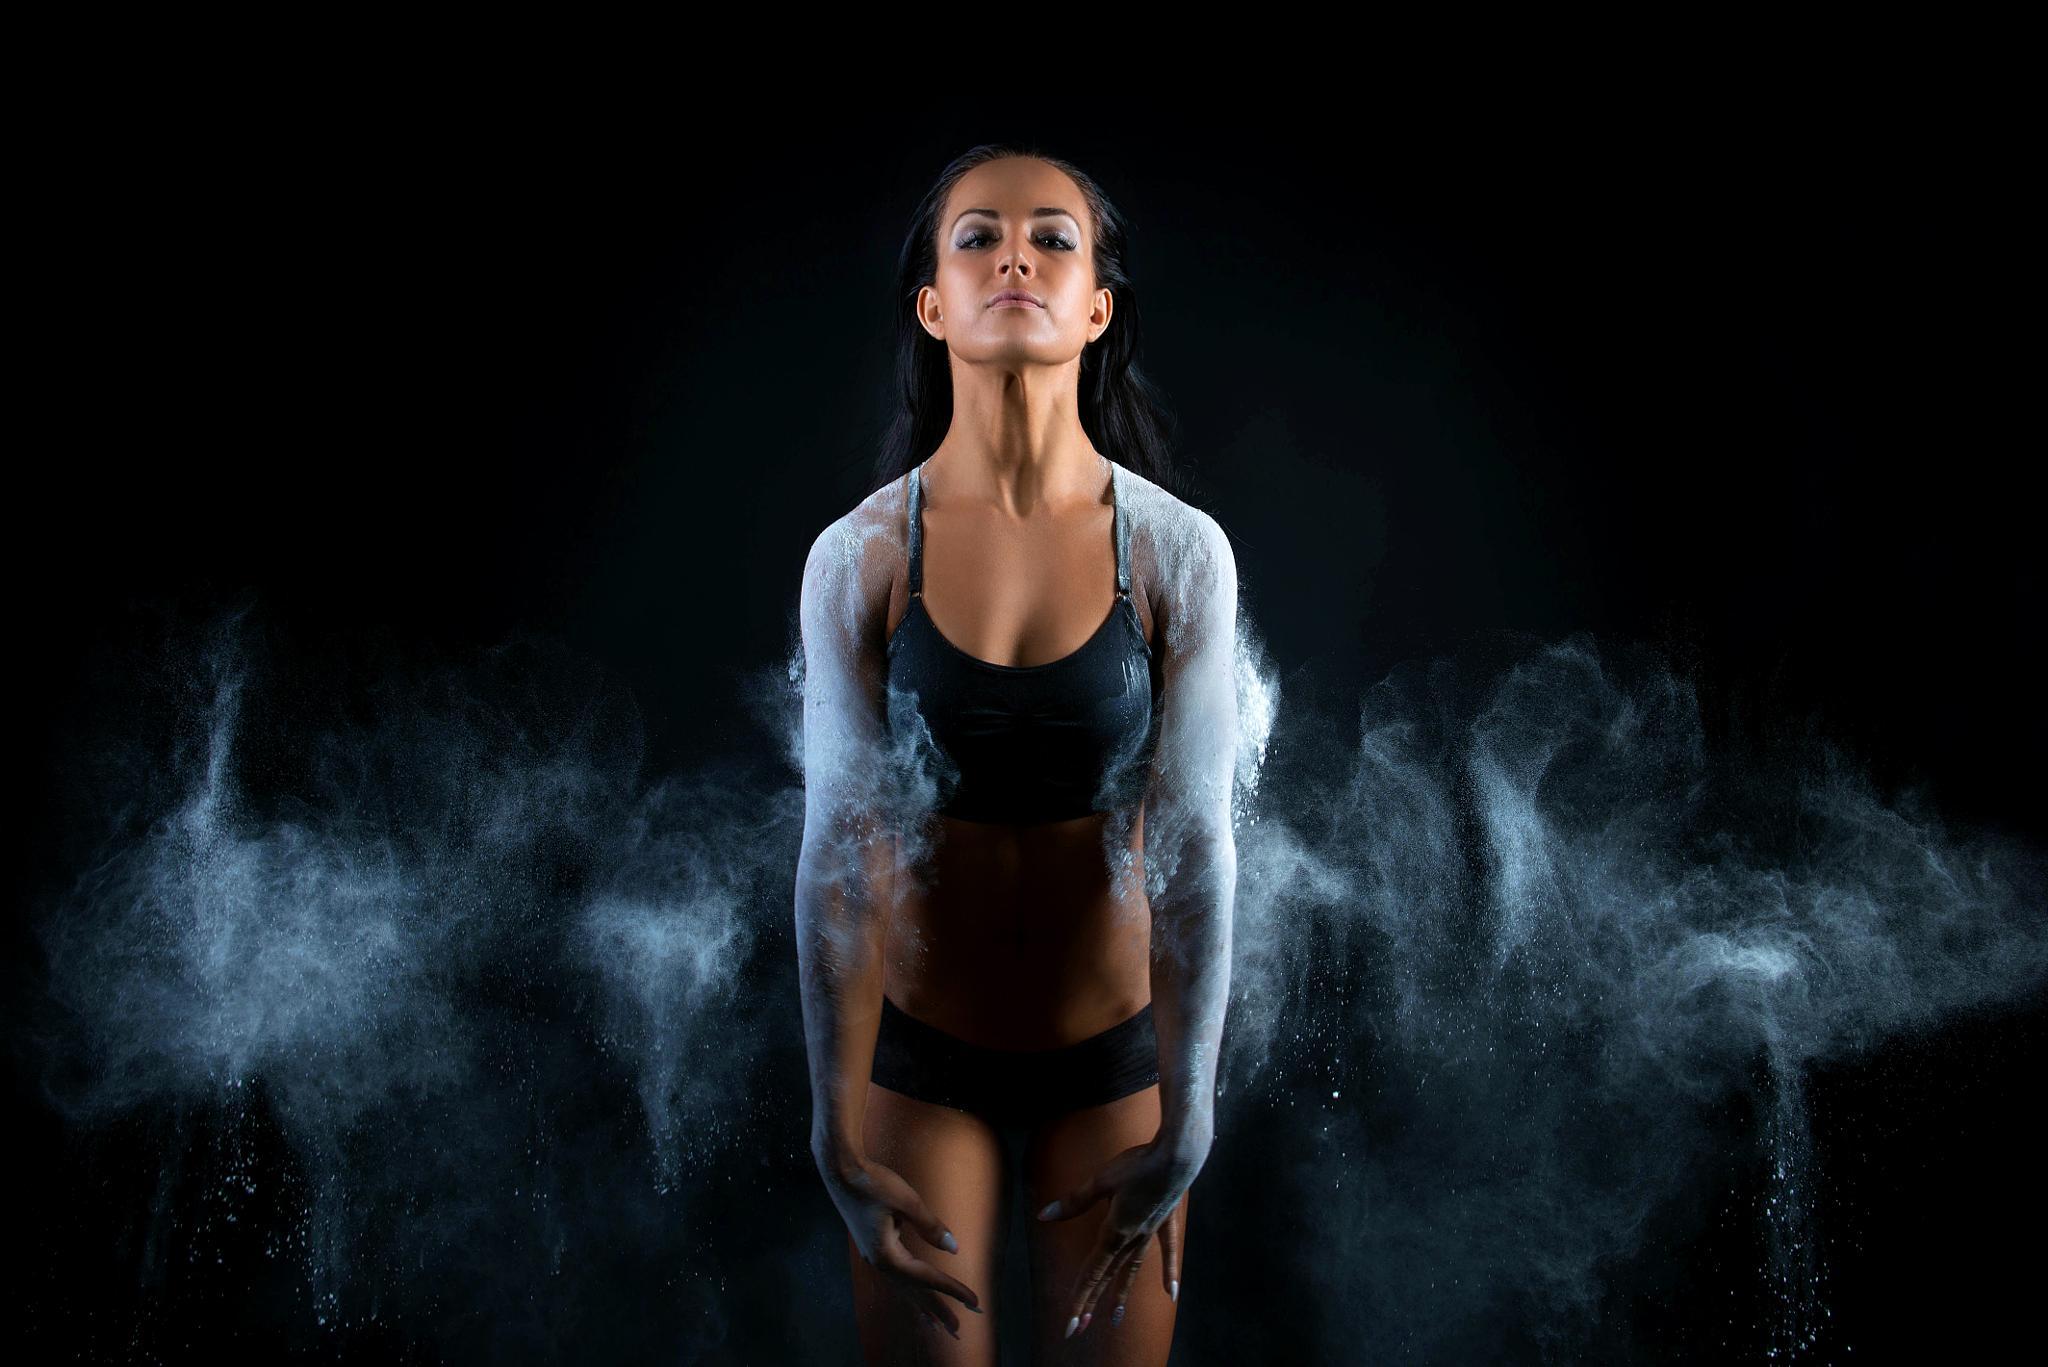 Dusty by inaya